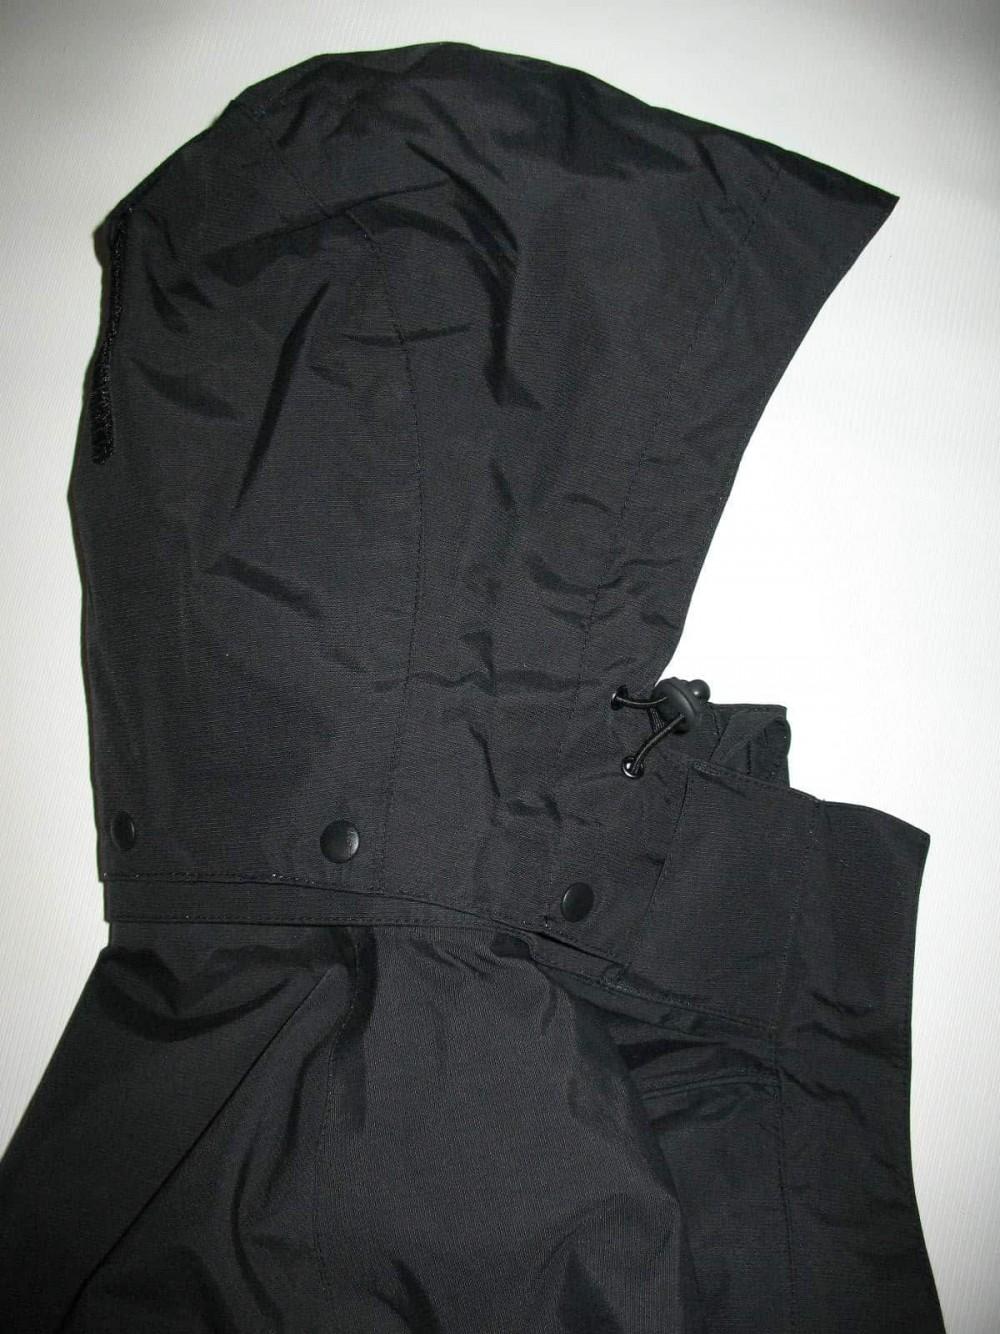 Куртка SALEWA 3in1 sceny jacket lady (размер M) - 7